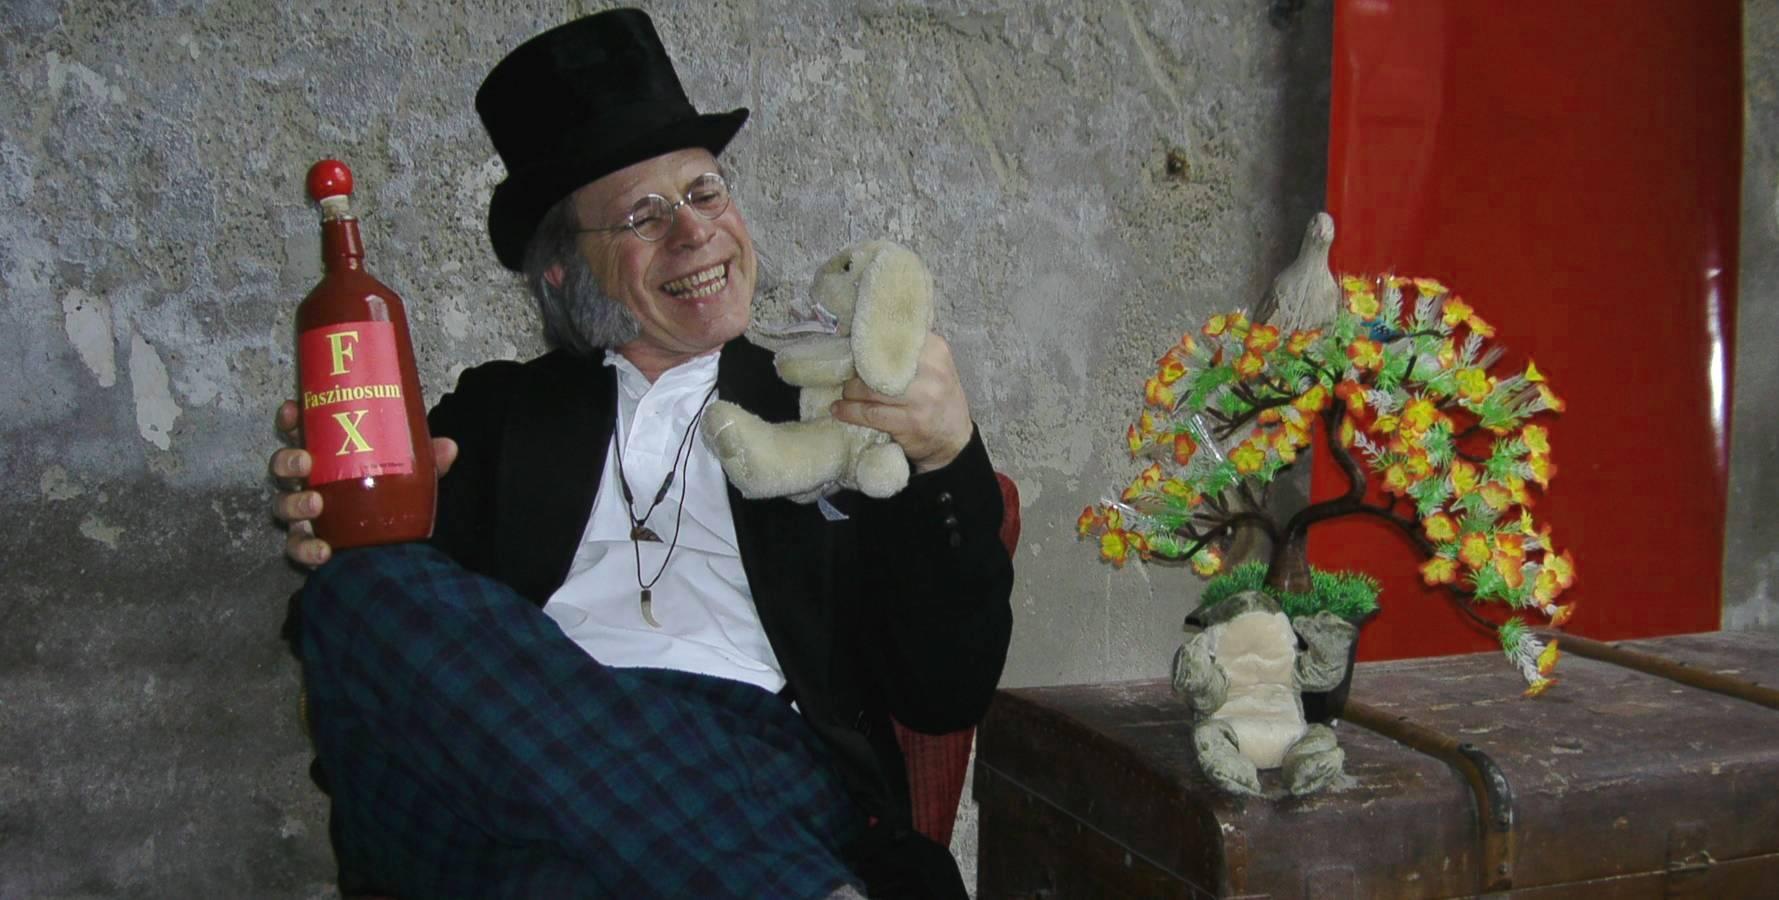 Herr Wunderle - Theater, Kinder, Magie,  Spass, Unterhaltung, Comedy